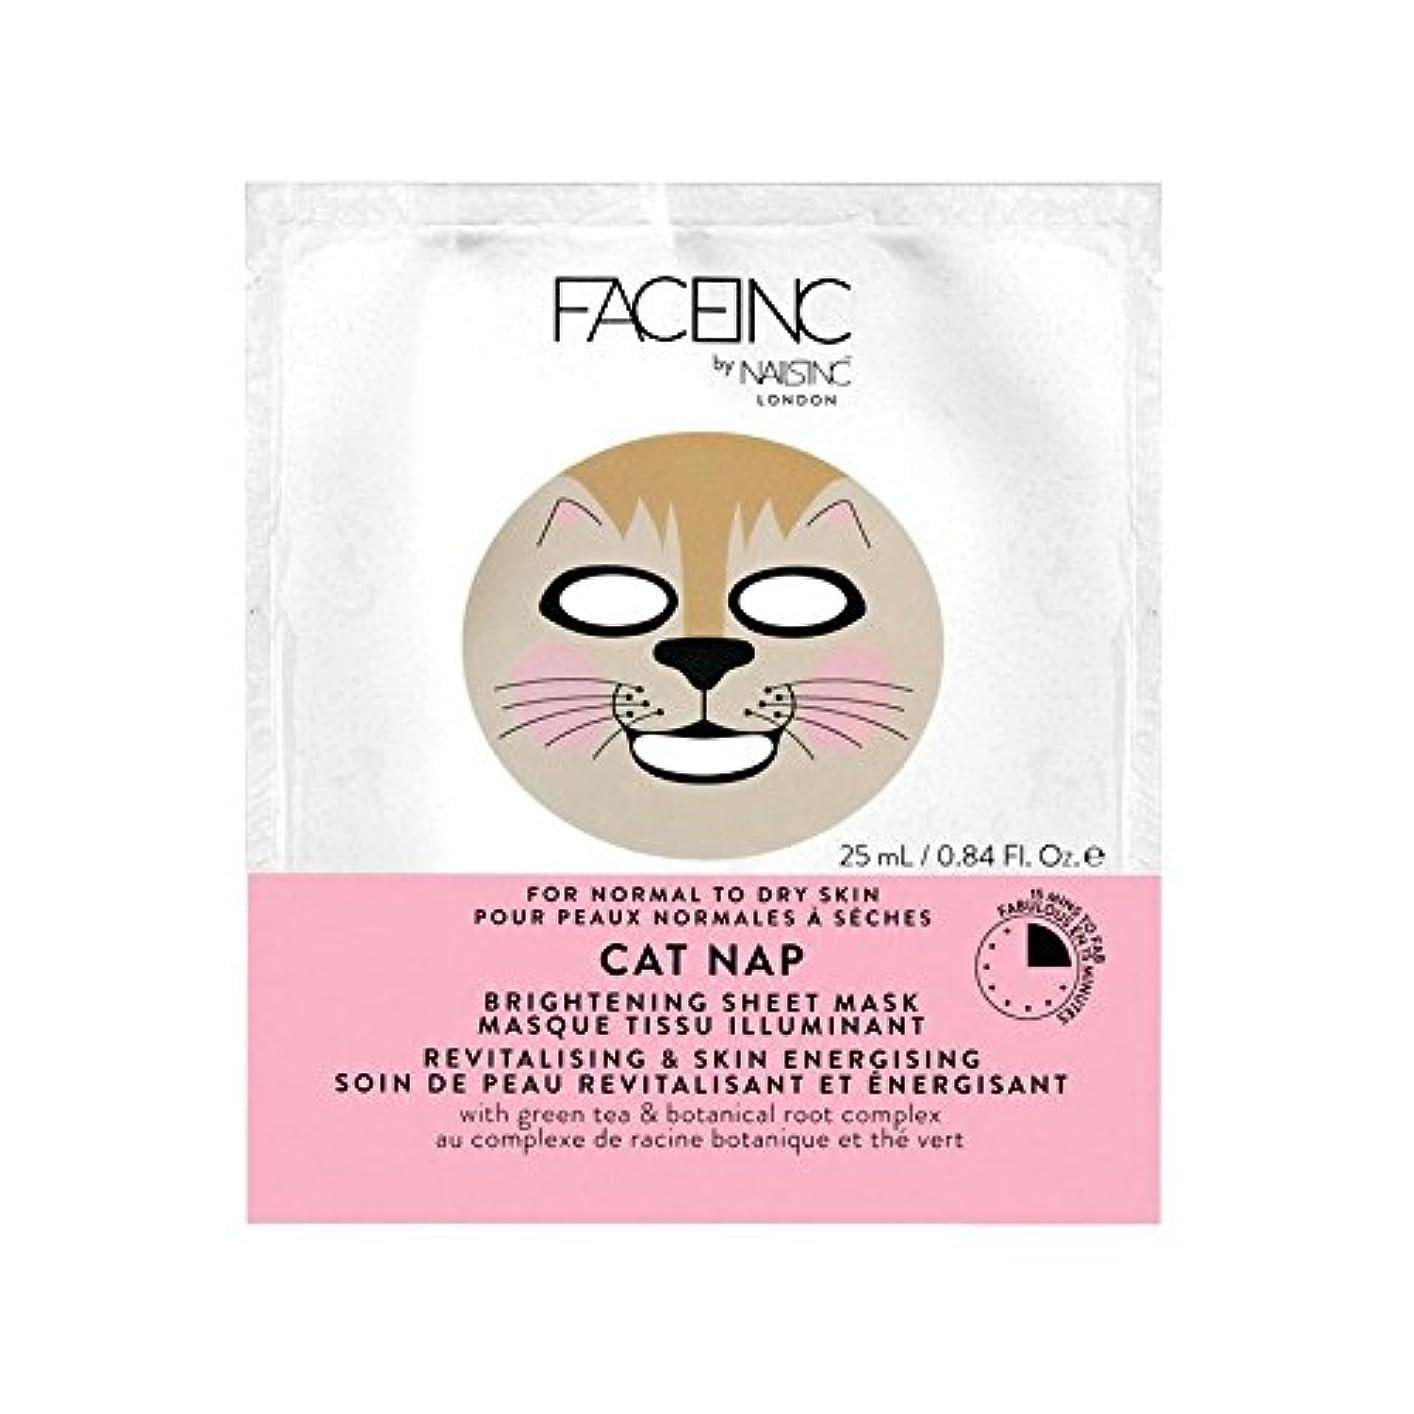 大量争うポーチ爪が株式会社顔猫の昼寝用マスク x2 - Nails Inc. Face Inc Cat Nap Mask (Pack of 2) [並行輸入品]